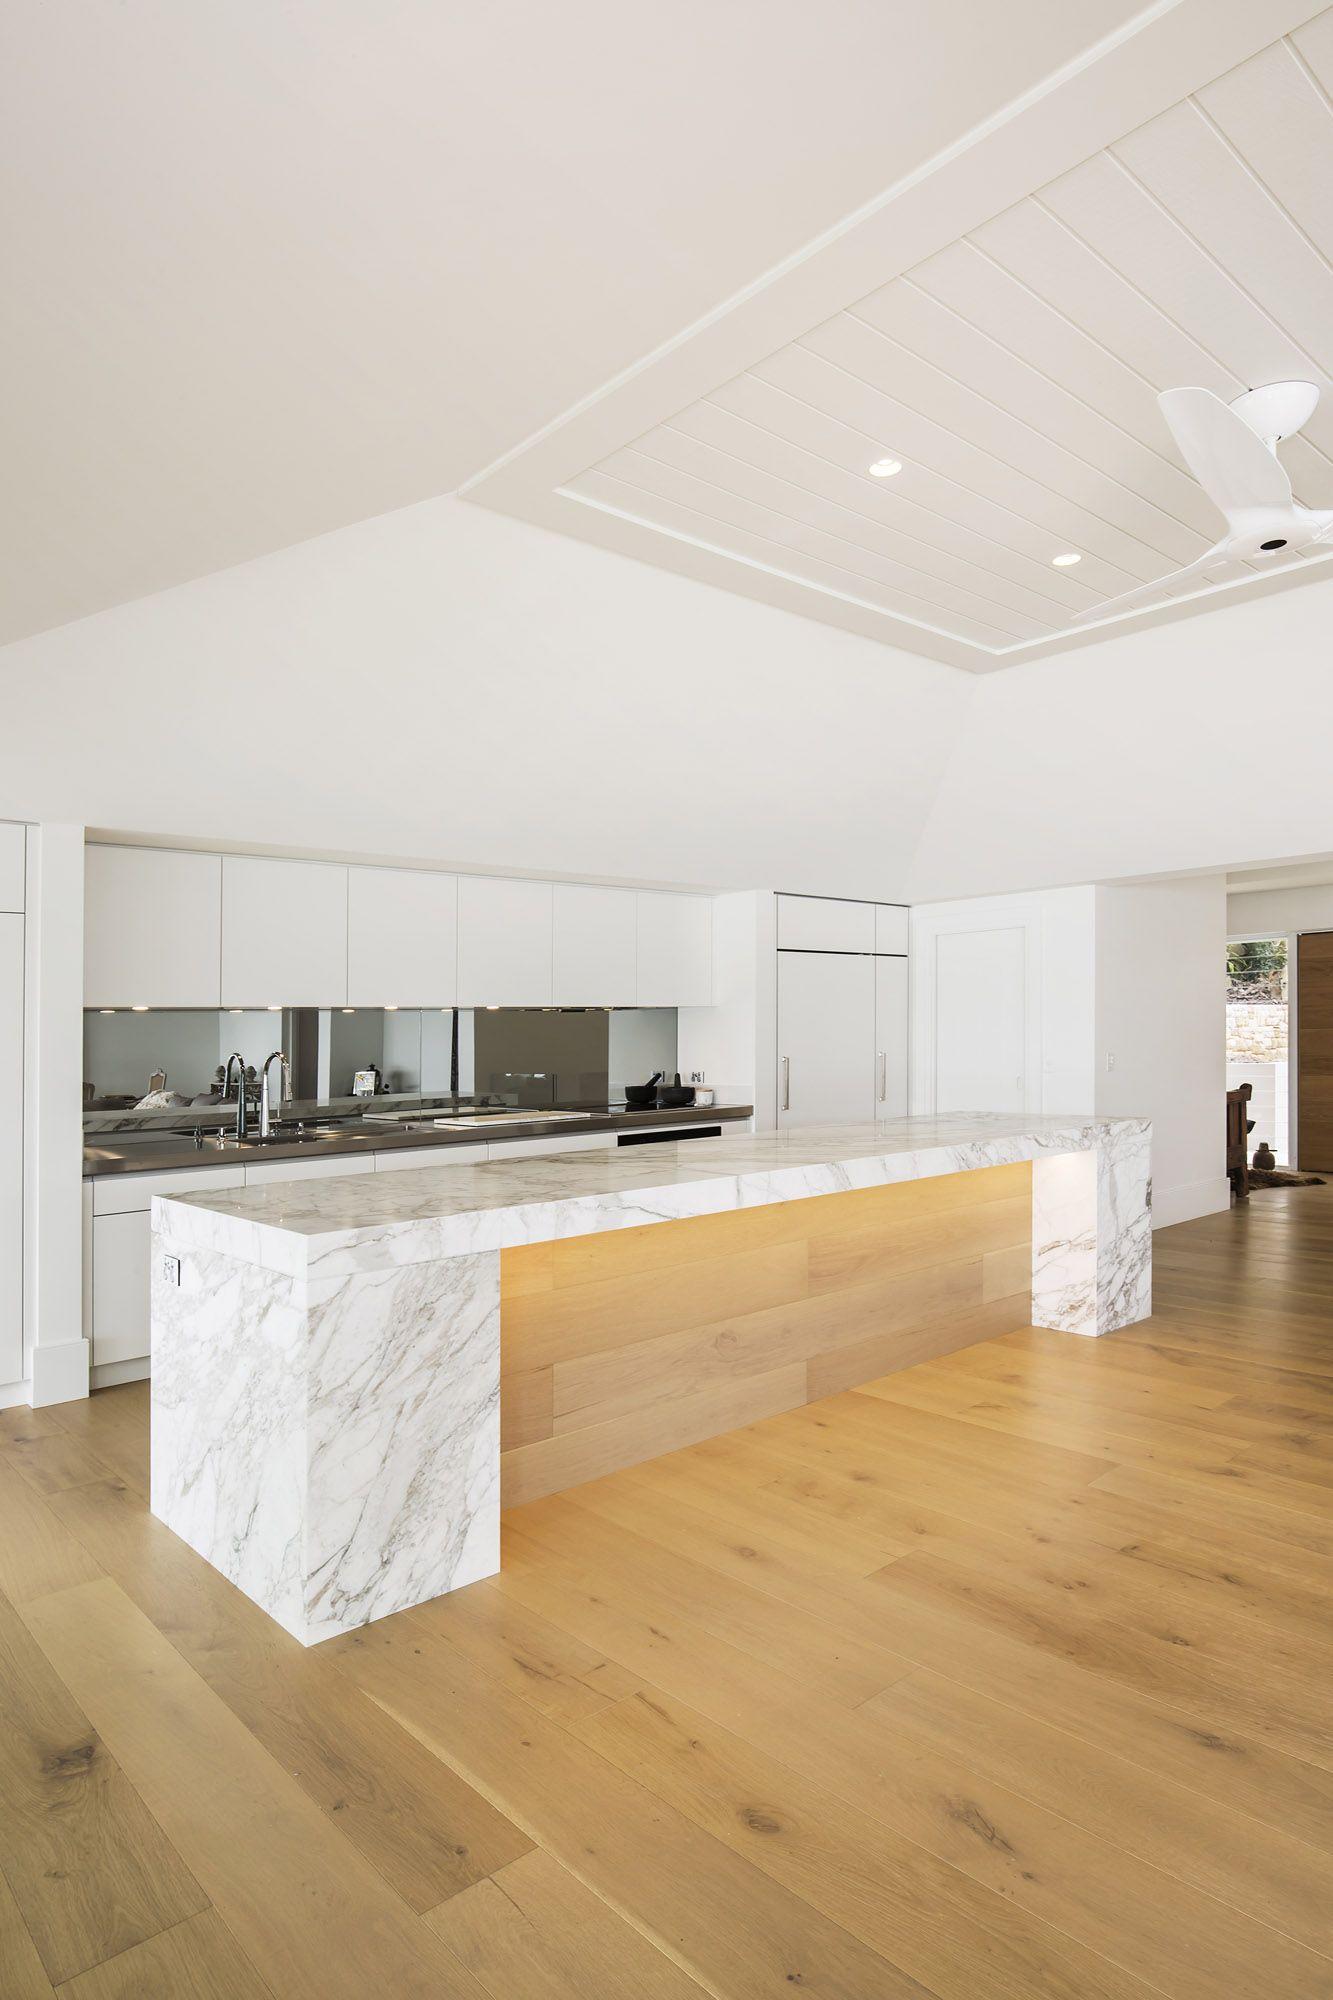 Luxury Entertainers Kitchen With Striking Calacatta Marble Island Kitchen Design Kitchen Kitchen Showroom